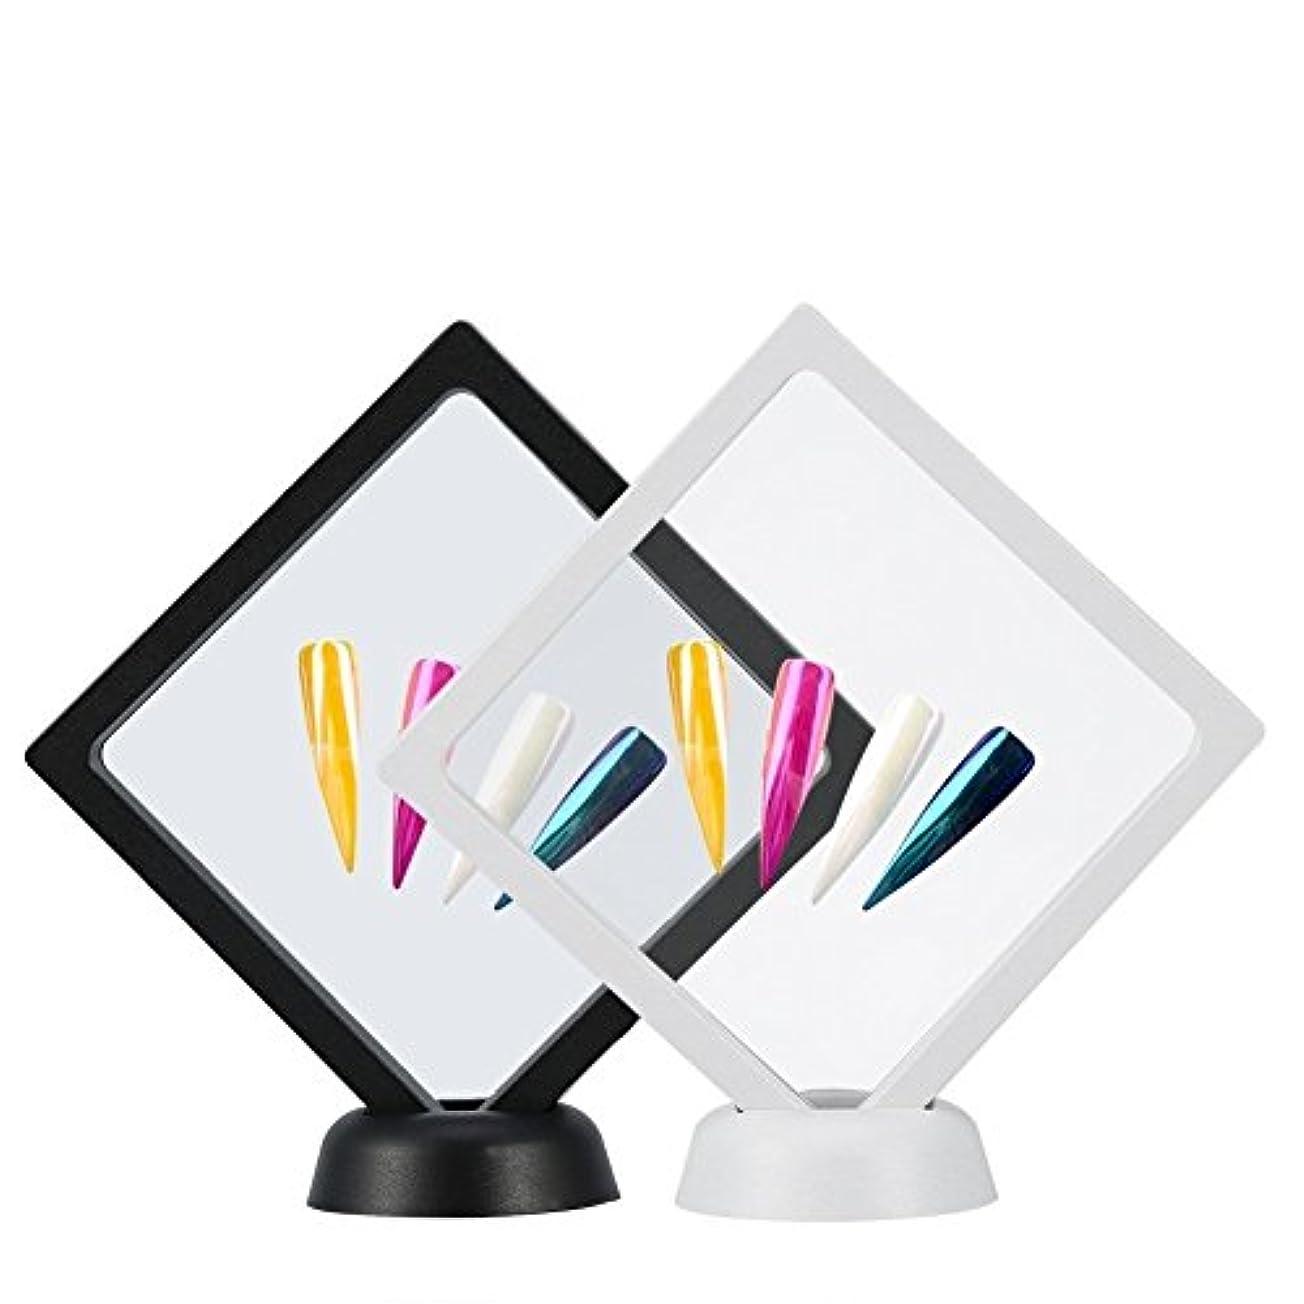 自伝に応じて織るYosoo 2個入り ネイルチップ ディスプレイ スタンド マニキュア ネイルサンプル ホルダー ネイルカラーチャート ネイルテンプレート ネイルケア ネイルアートツール 組立て式 白+黒 展示用 自宅 サロン